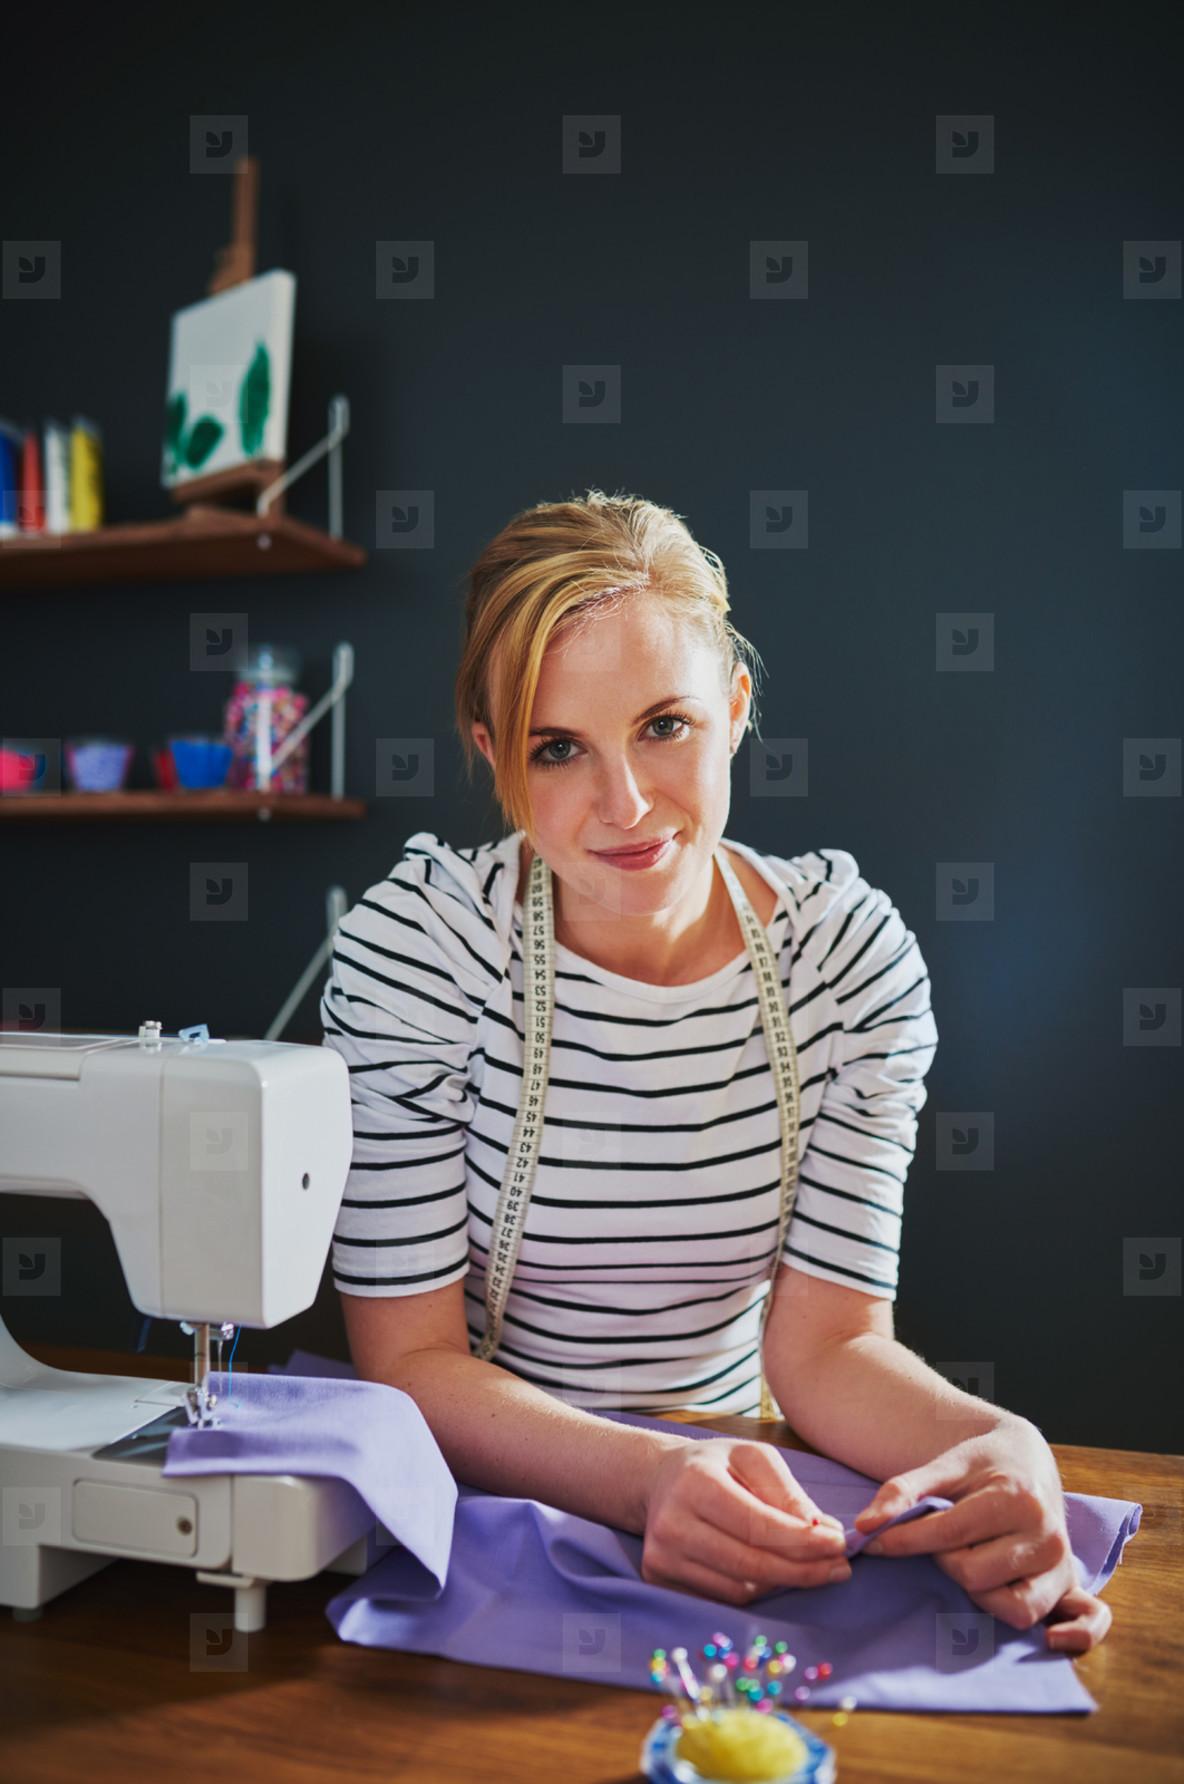 Creative woman smiling at camera